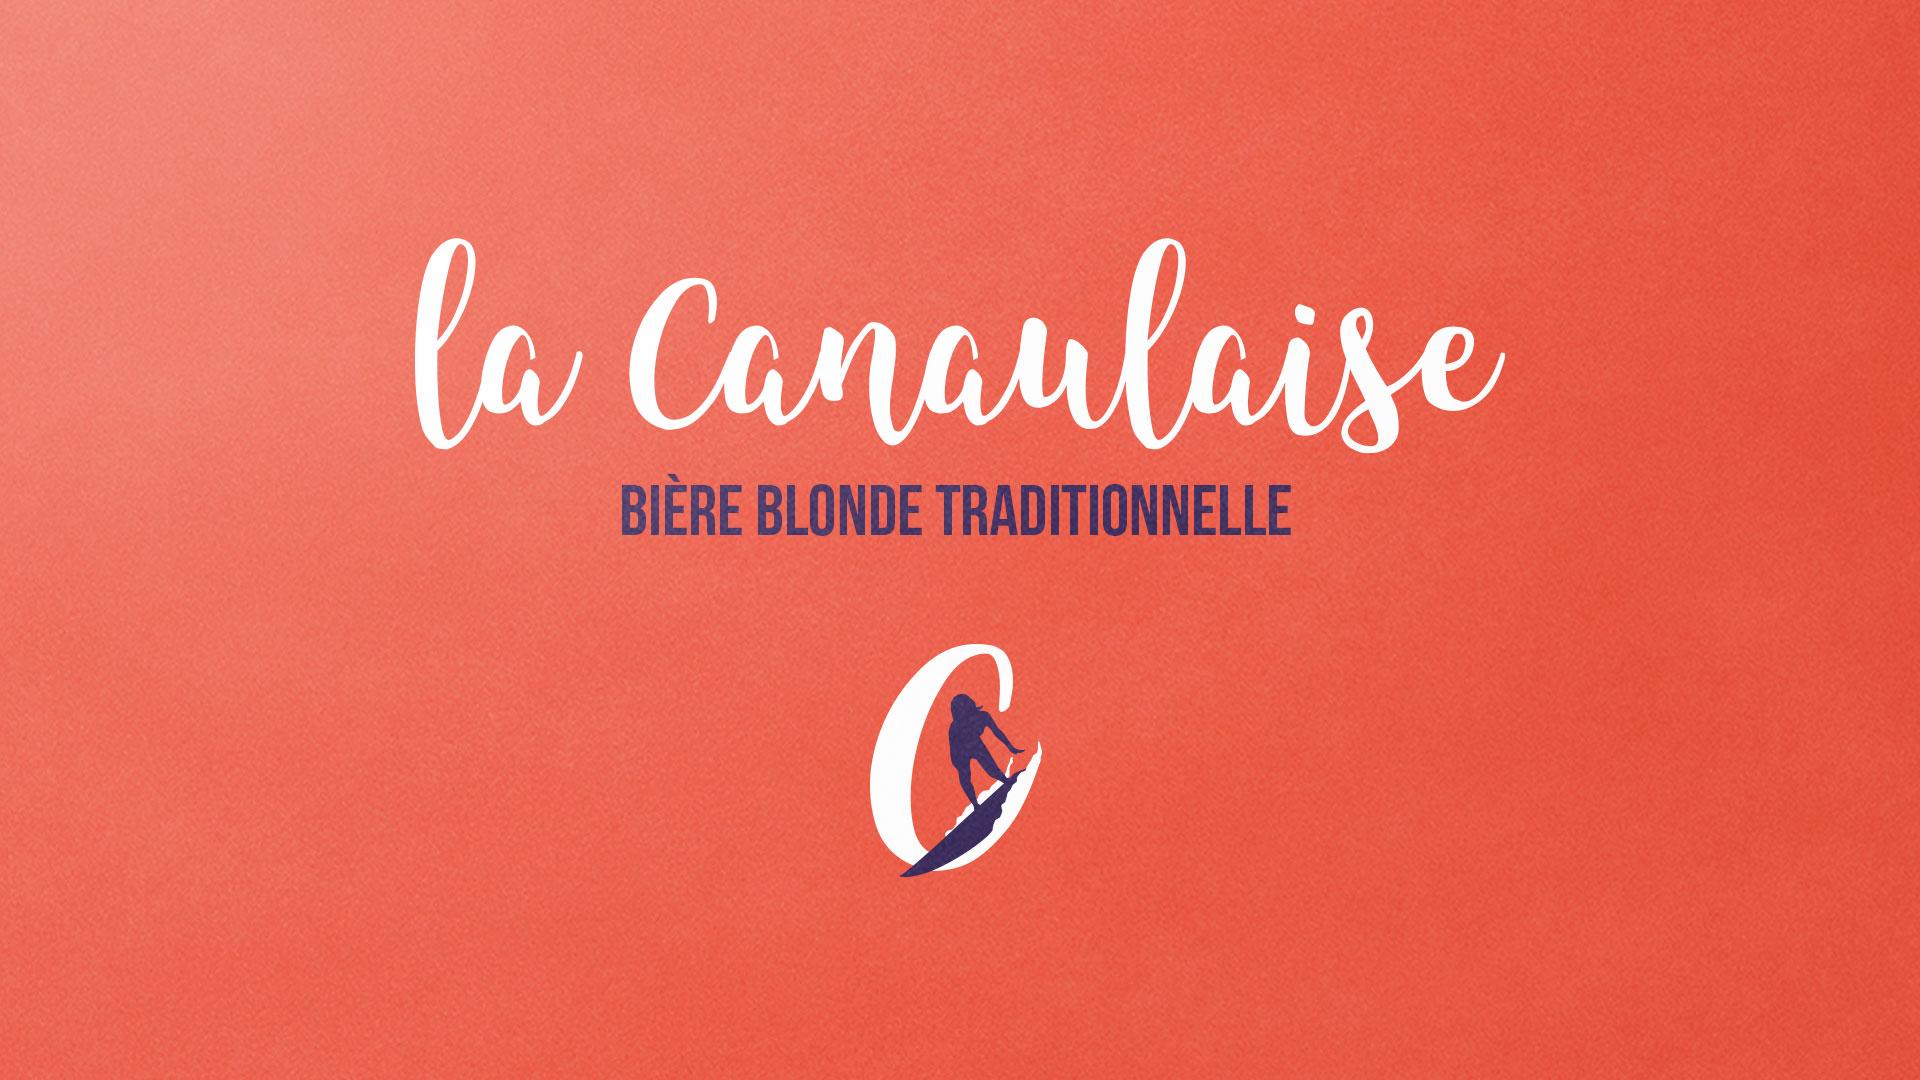 logo Bières IPA La Canaulaise